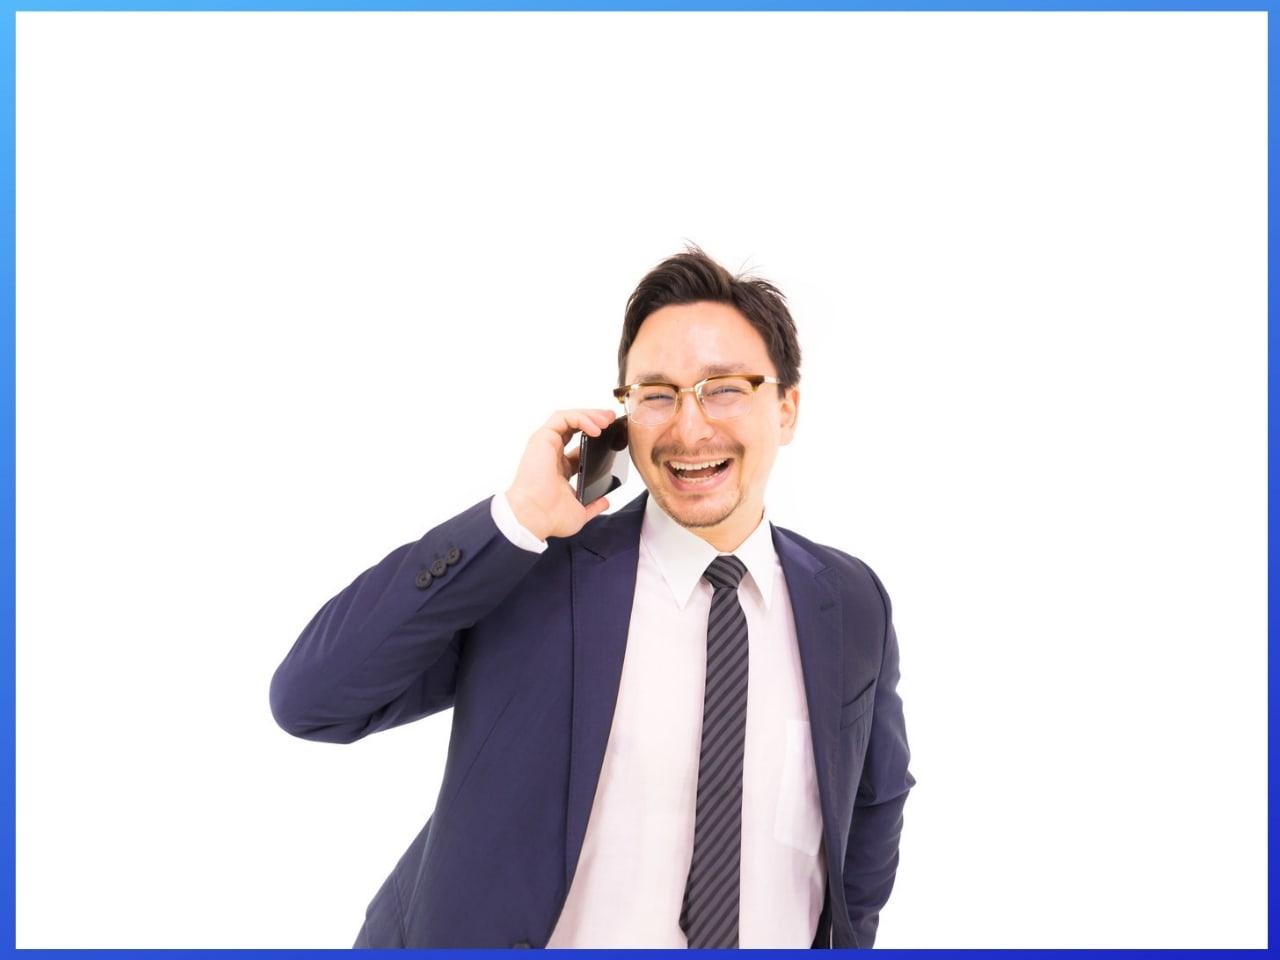 馴れ馴れしく電話で話す男性